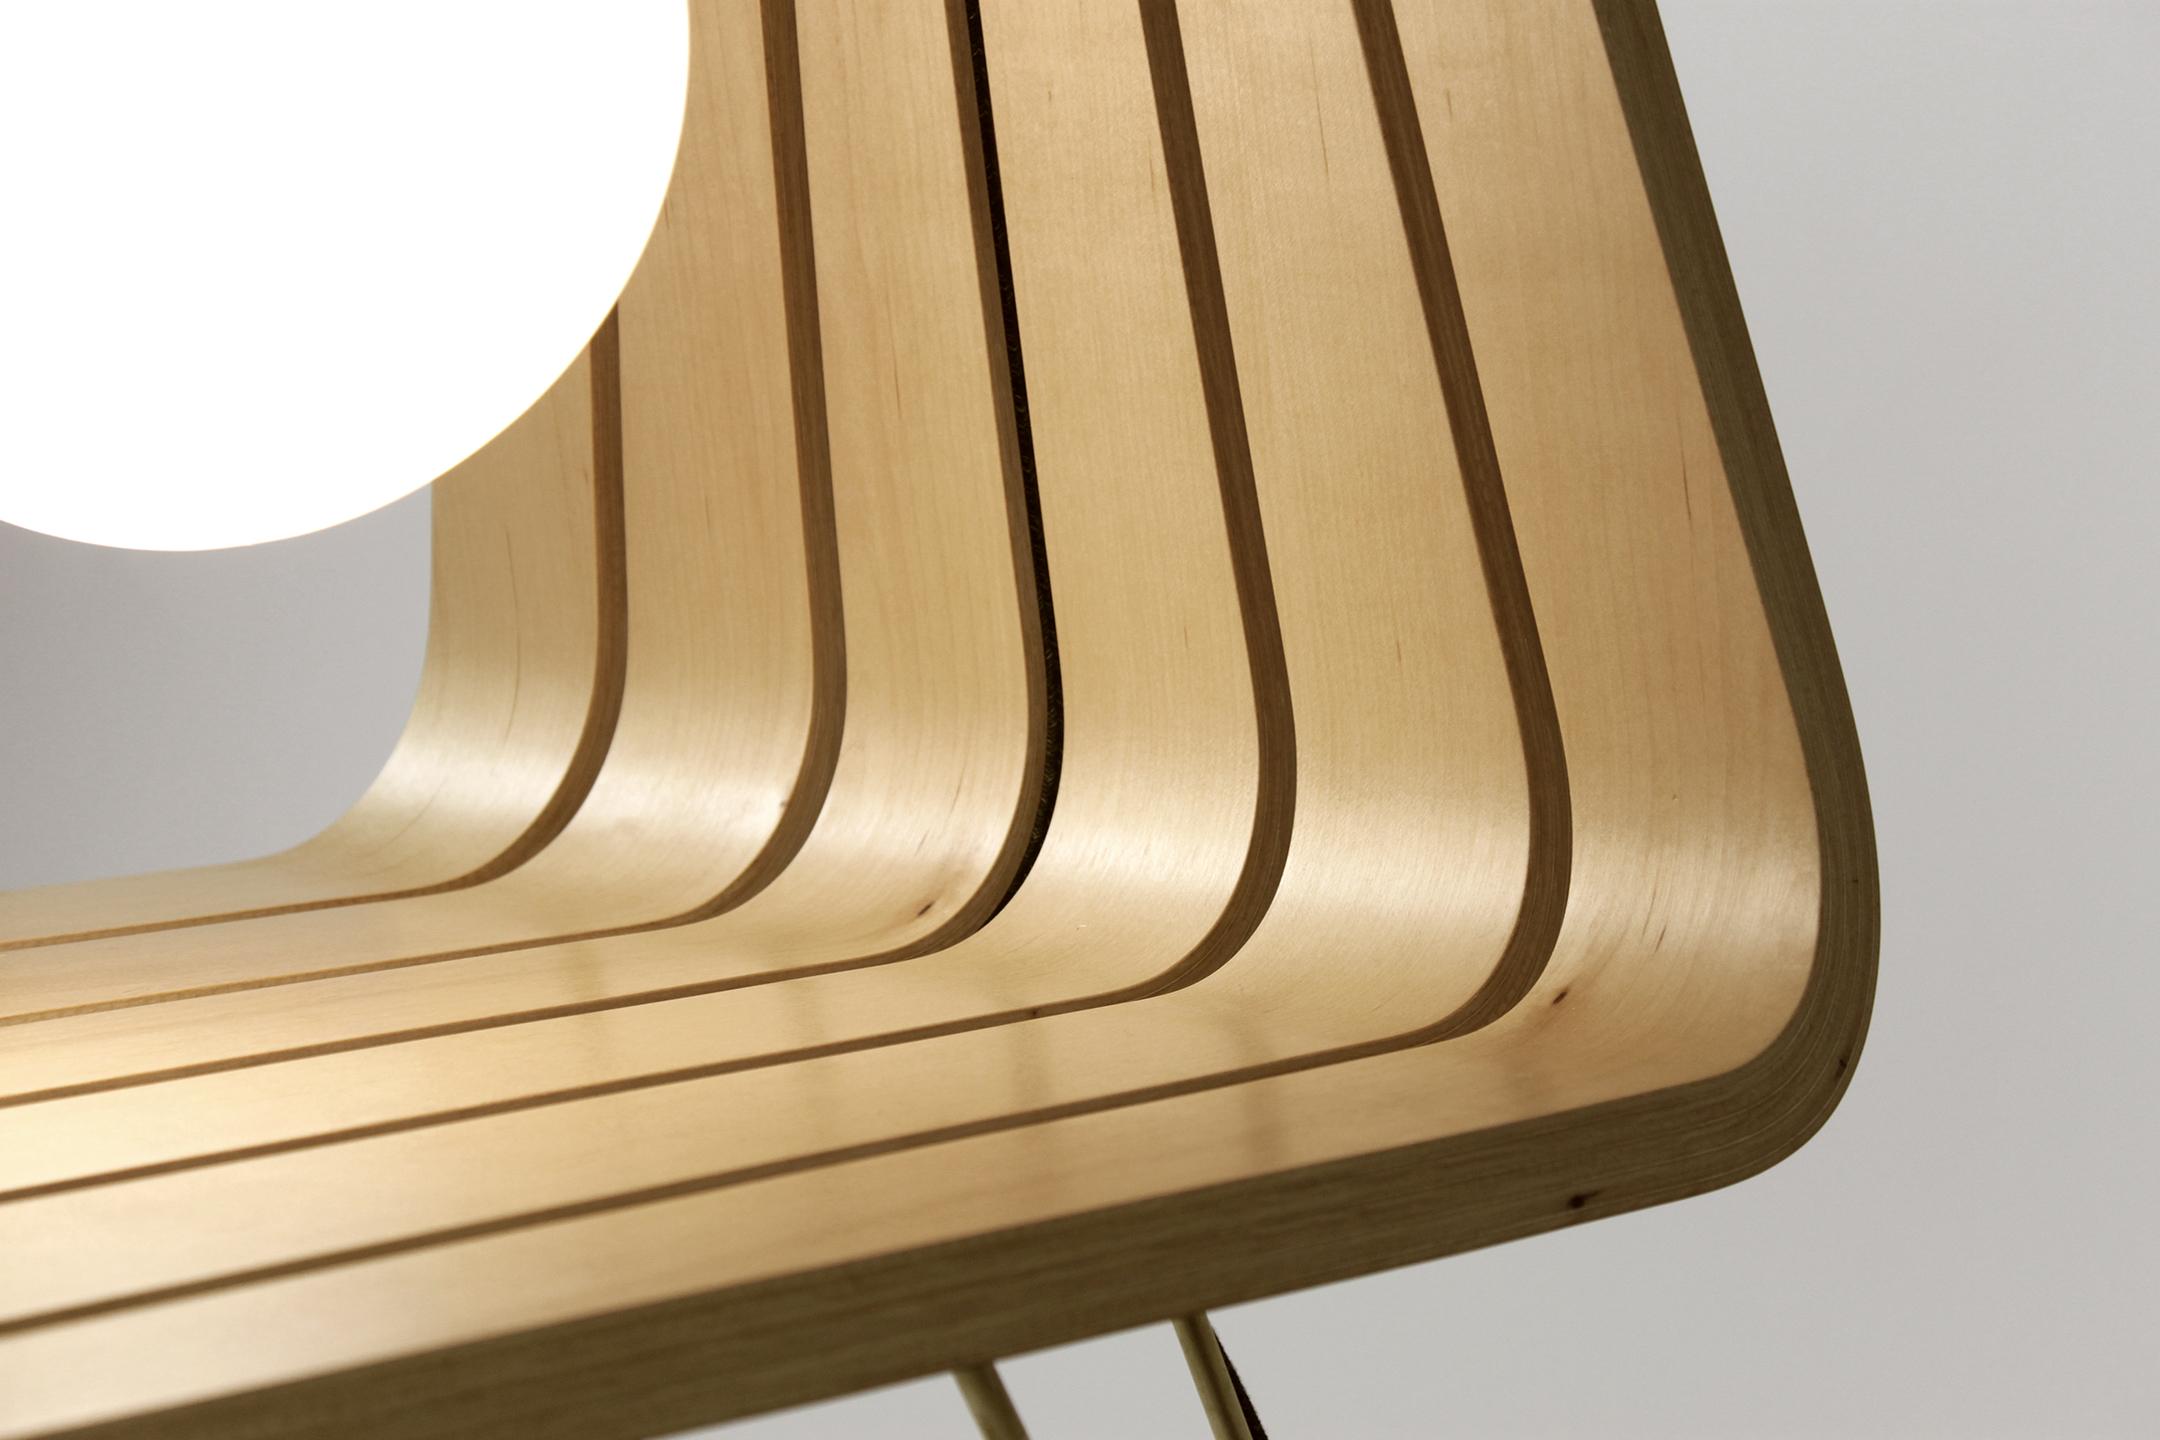 DAWN_table lamp 18_by Dane Saunders.jpg